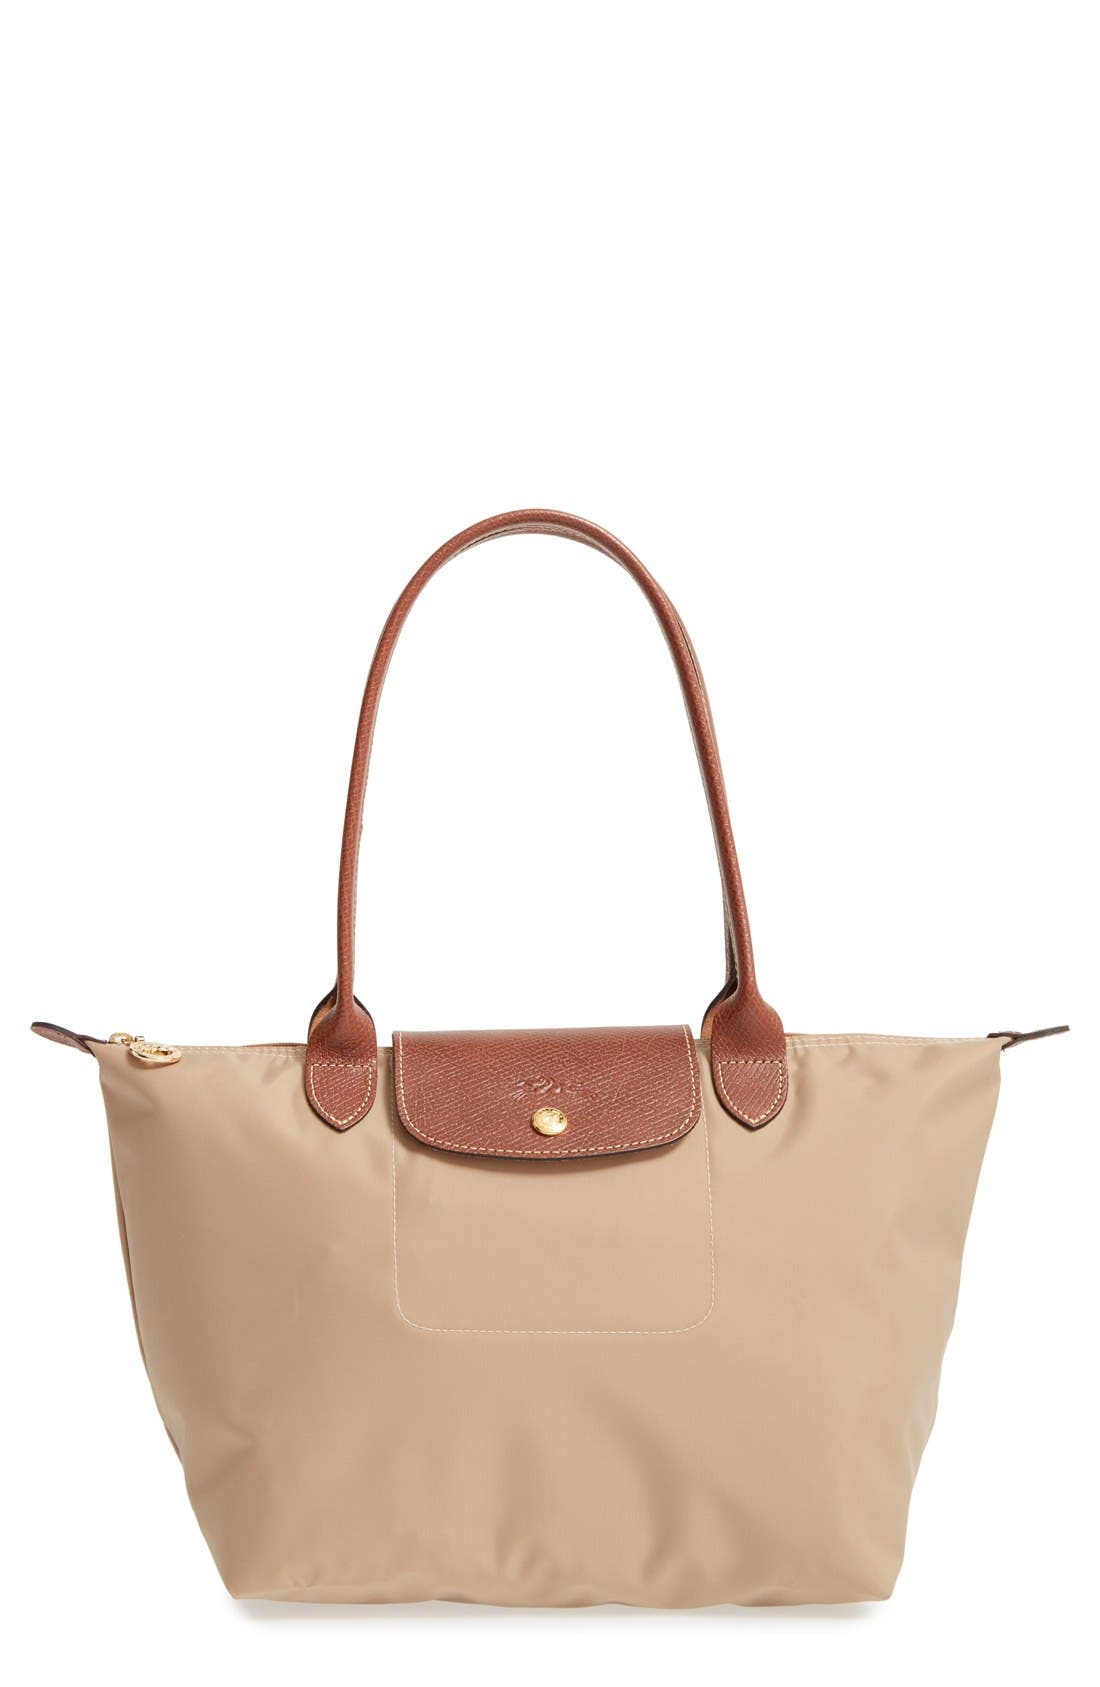 Handbags   Purses  360247c3b06e0